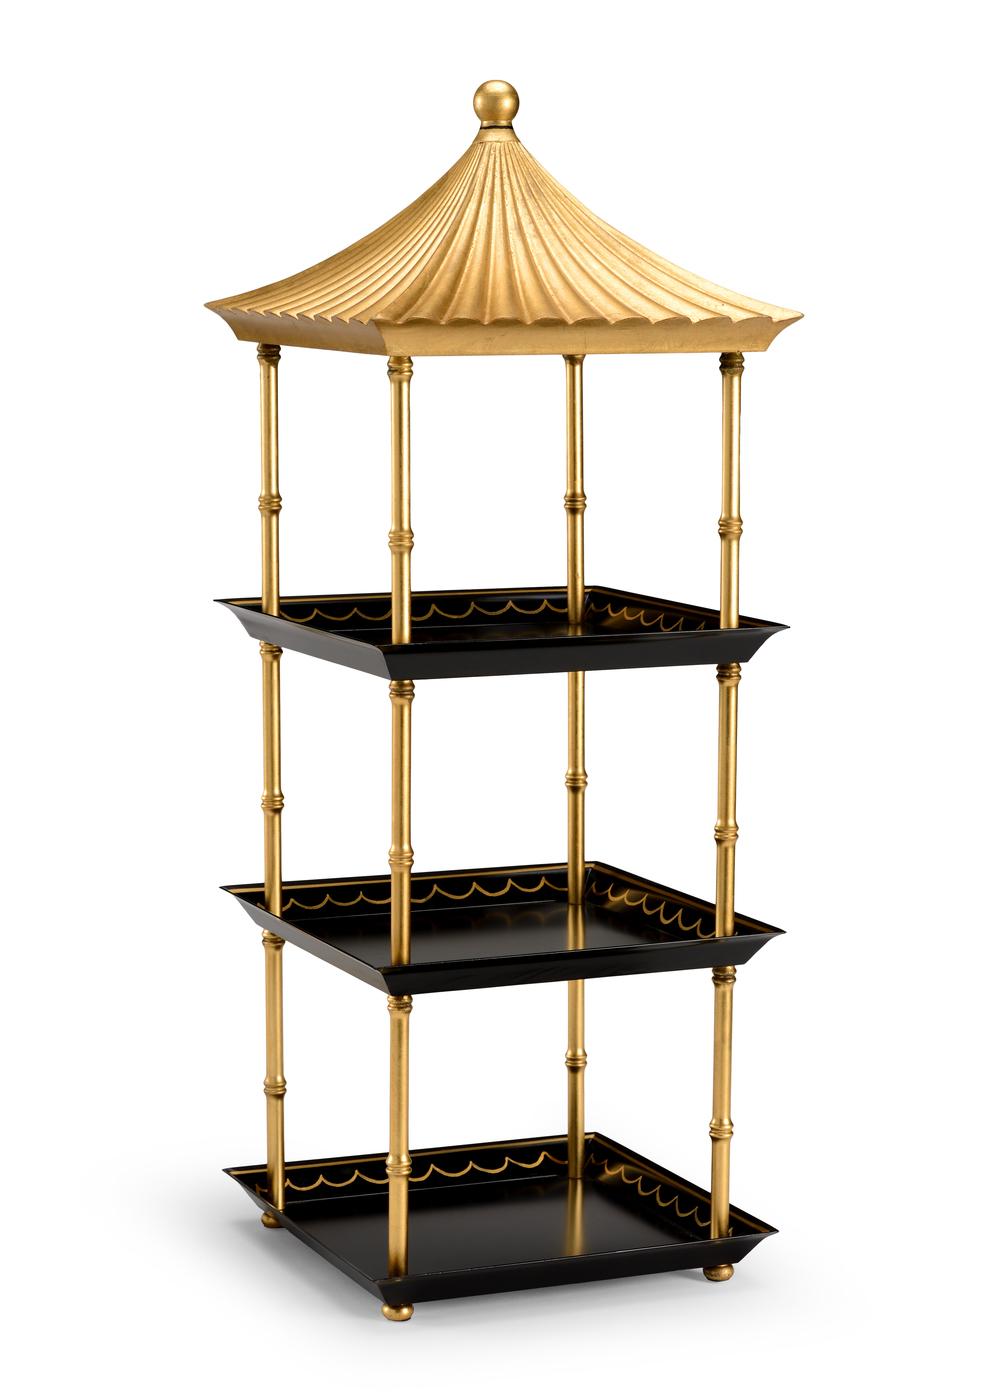 Chelsea House - Pagoda Shelf